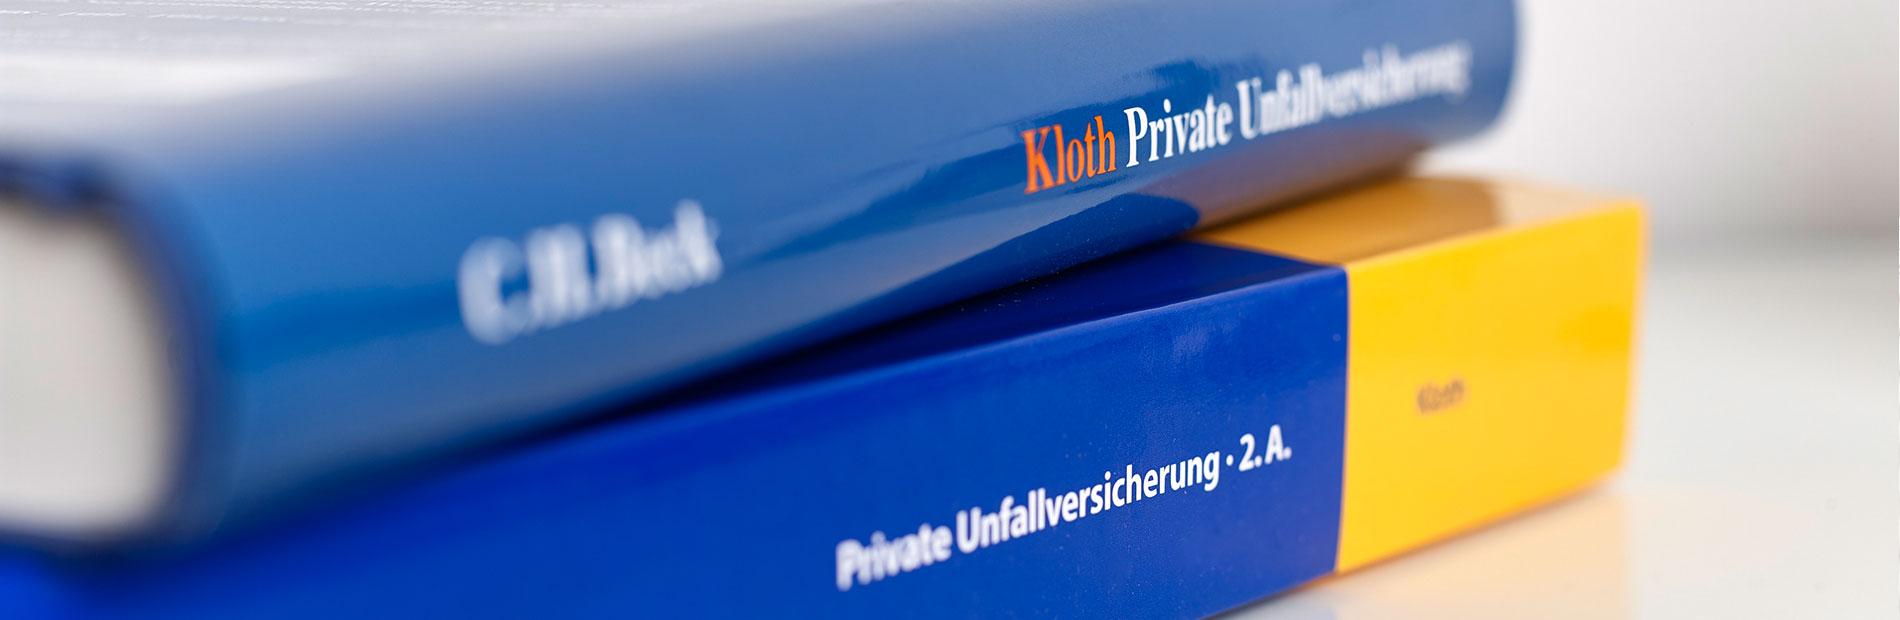 Buch Private Unfallversicherung